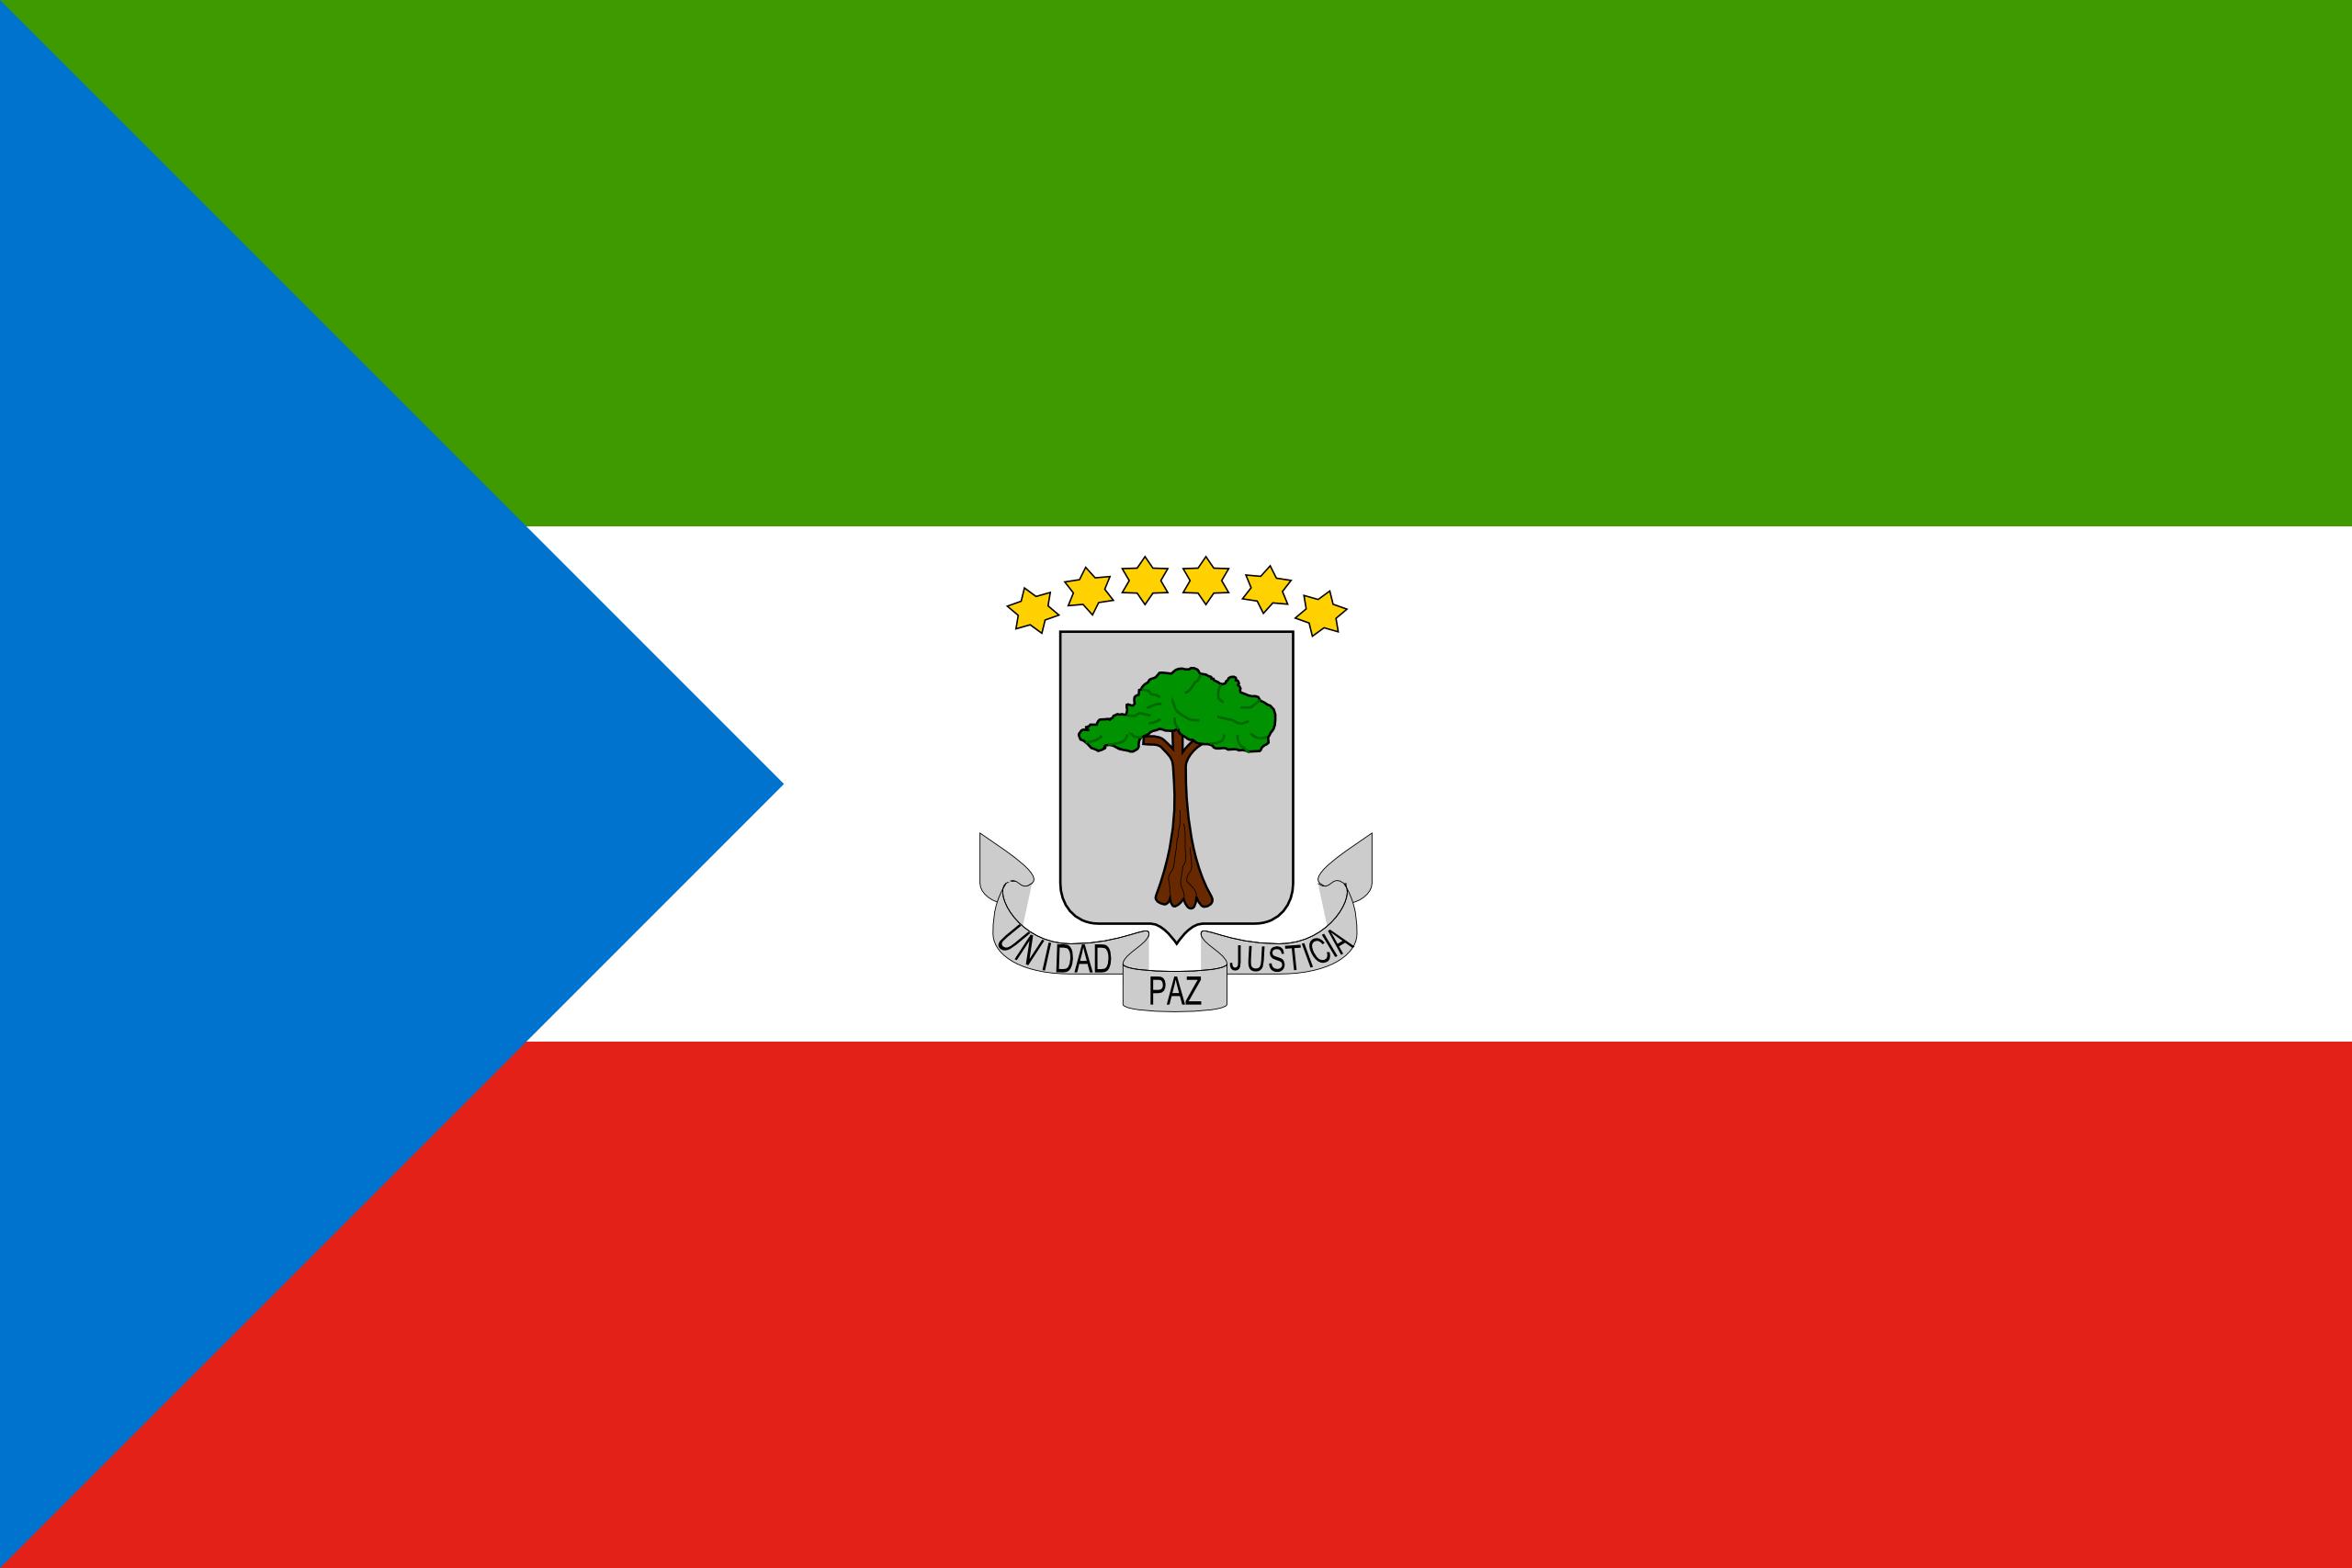 guinea ecuatorial, 国家, 会徽, 徽标, 符号 - 高清壁纸 - 教授-falken.com